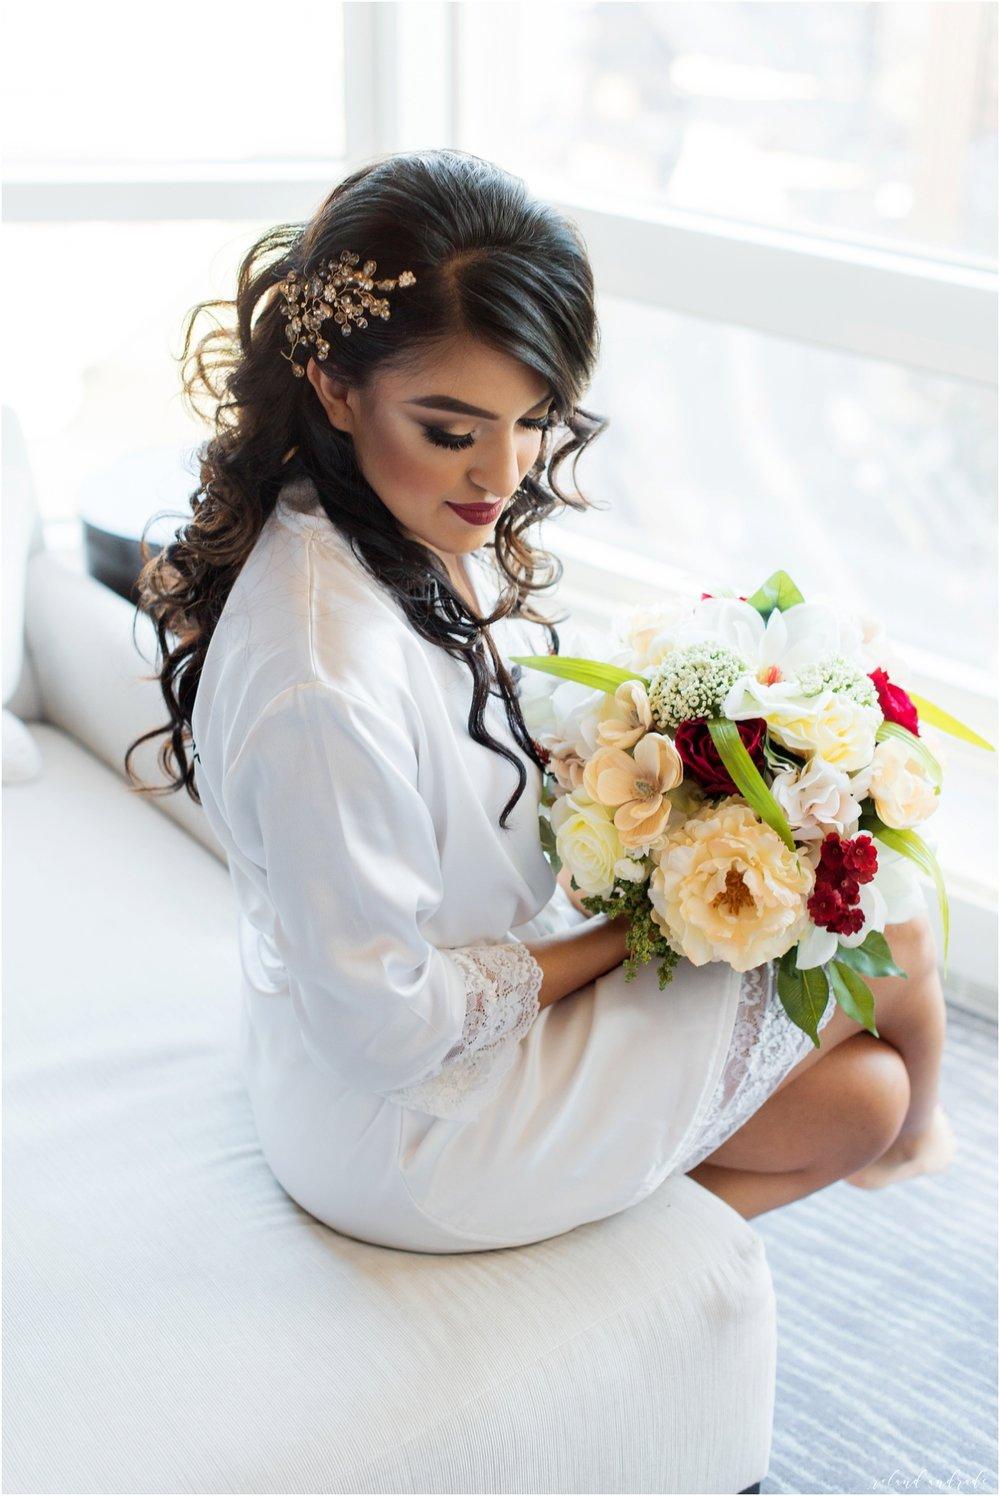 Chateau Busche Wedding in Alsip, Chateau Busche Wedding Photographer, Alsip Wedding Photography Millenium Park First Look, Trump Tower Wedding_0012.jpg